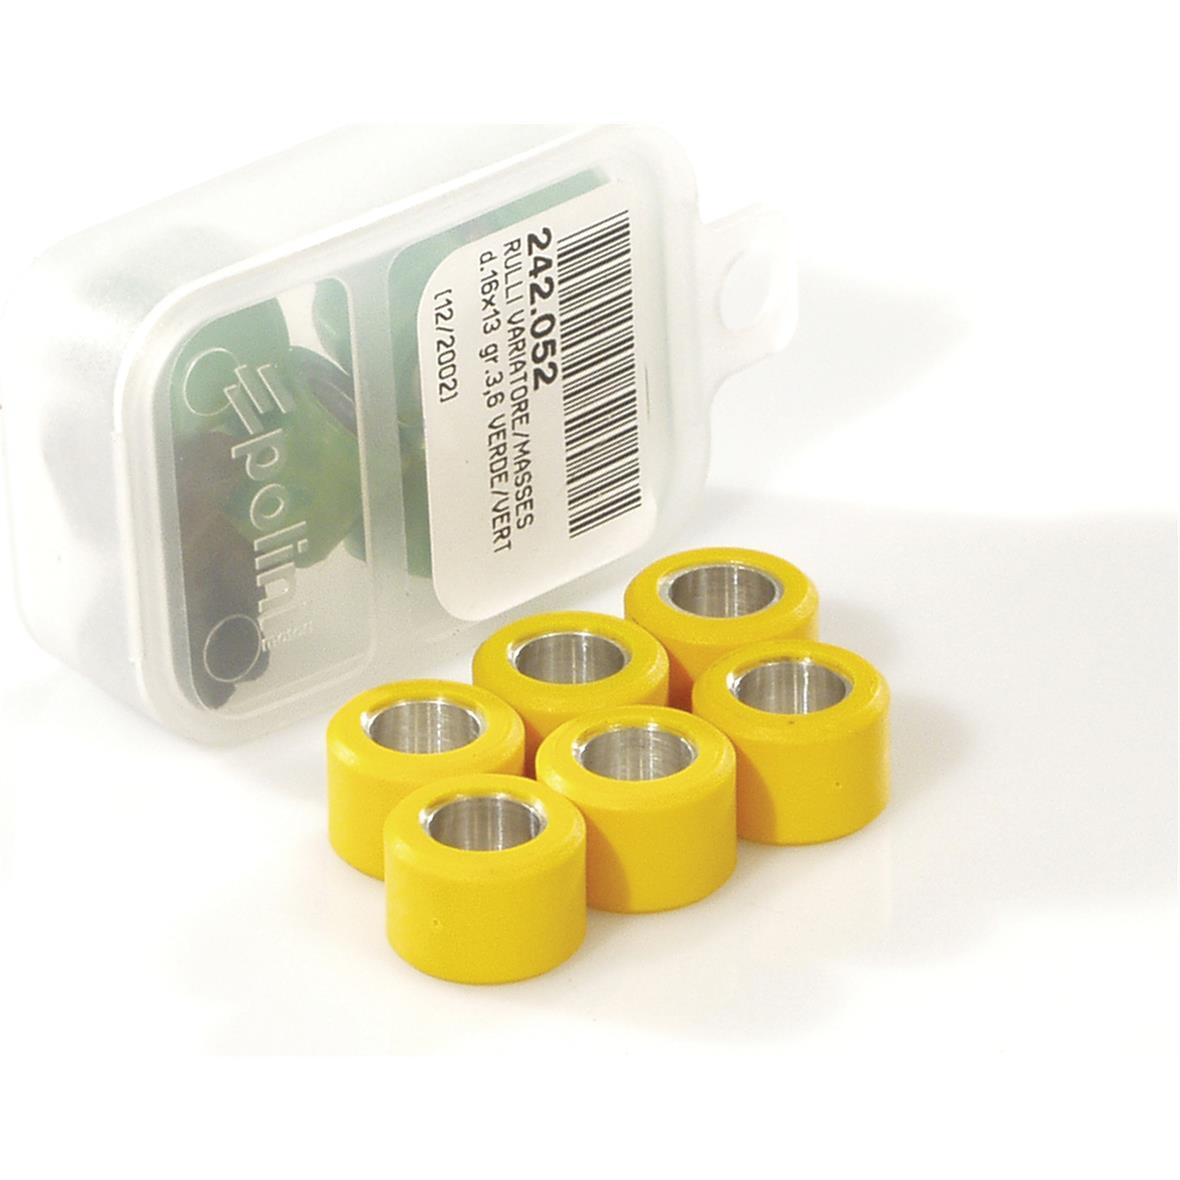 Productafbeelding voor 'Variateur Rollen POLINI 20x12 mm 15,4 gramTitle'